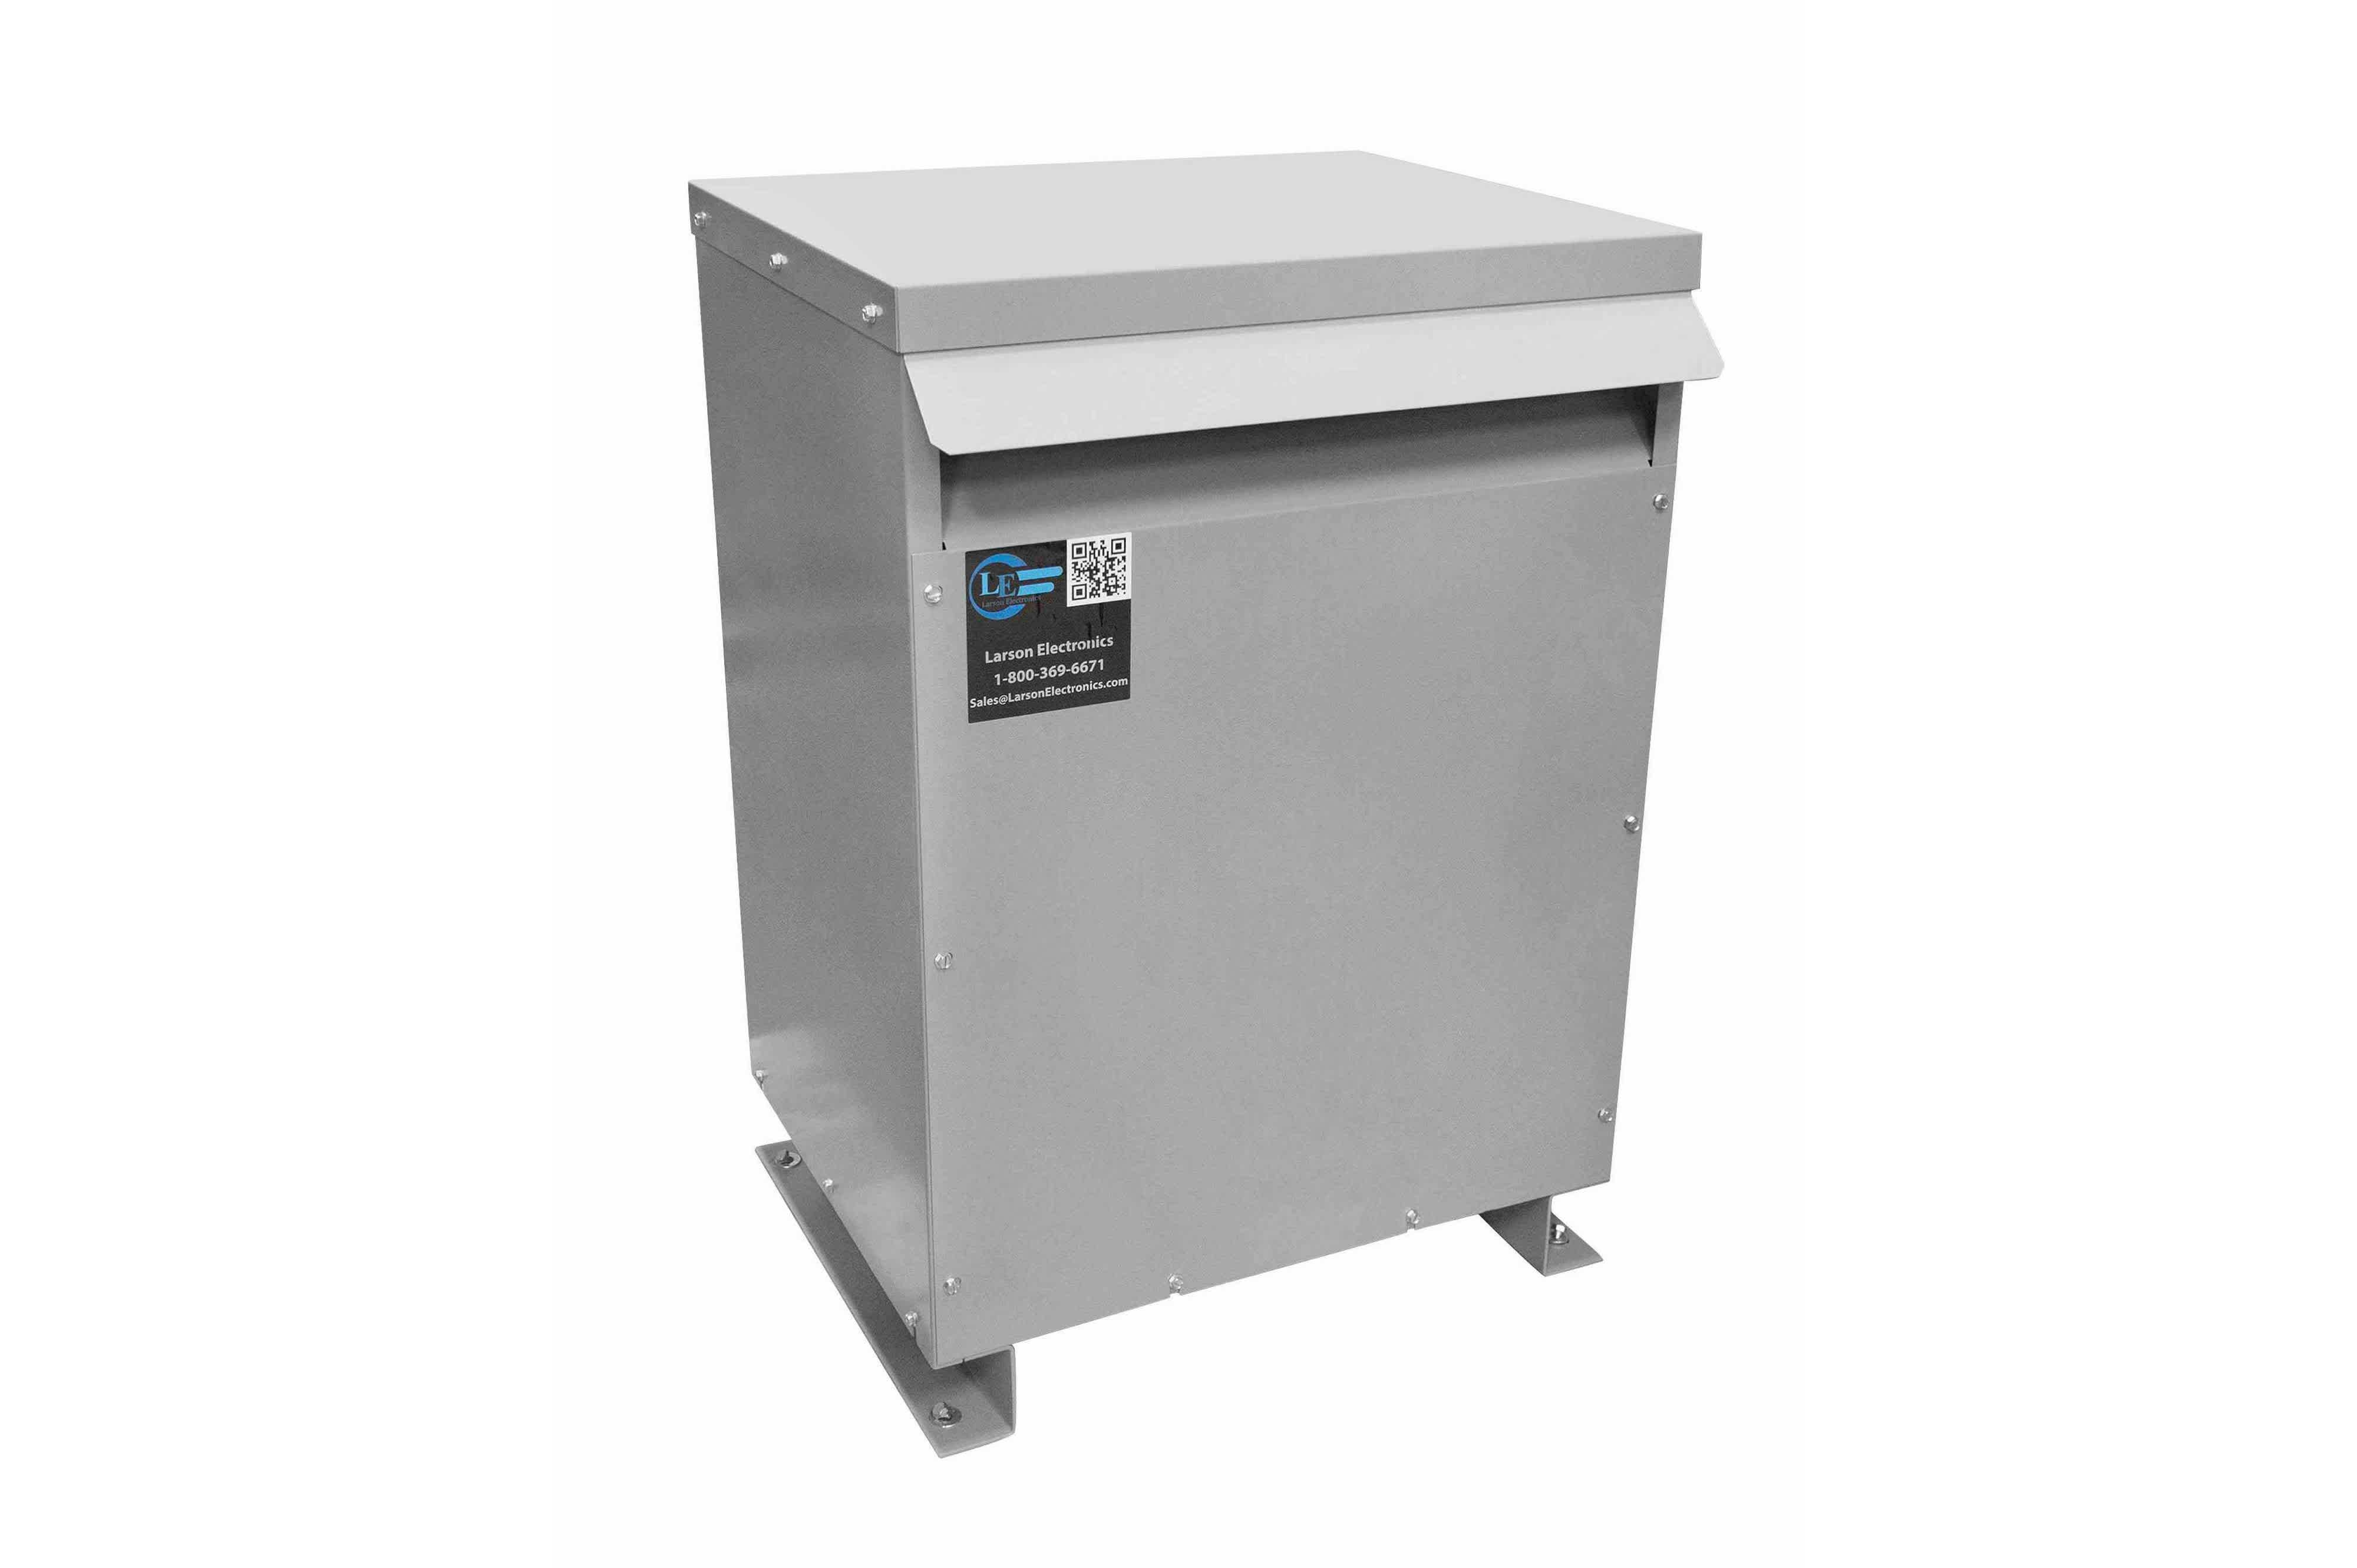 45 kVA 3PH Isolation Transformer, 460V Delta Primary, 208V Delta Secondary, N3R, Ventilated, 60 Hz